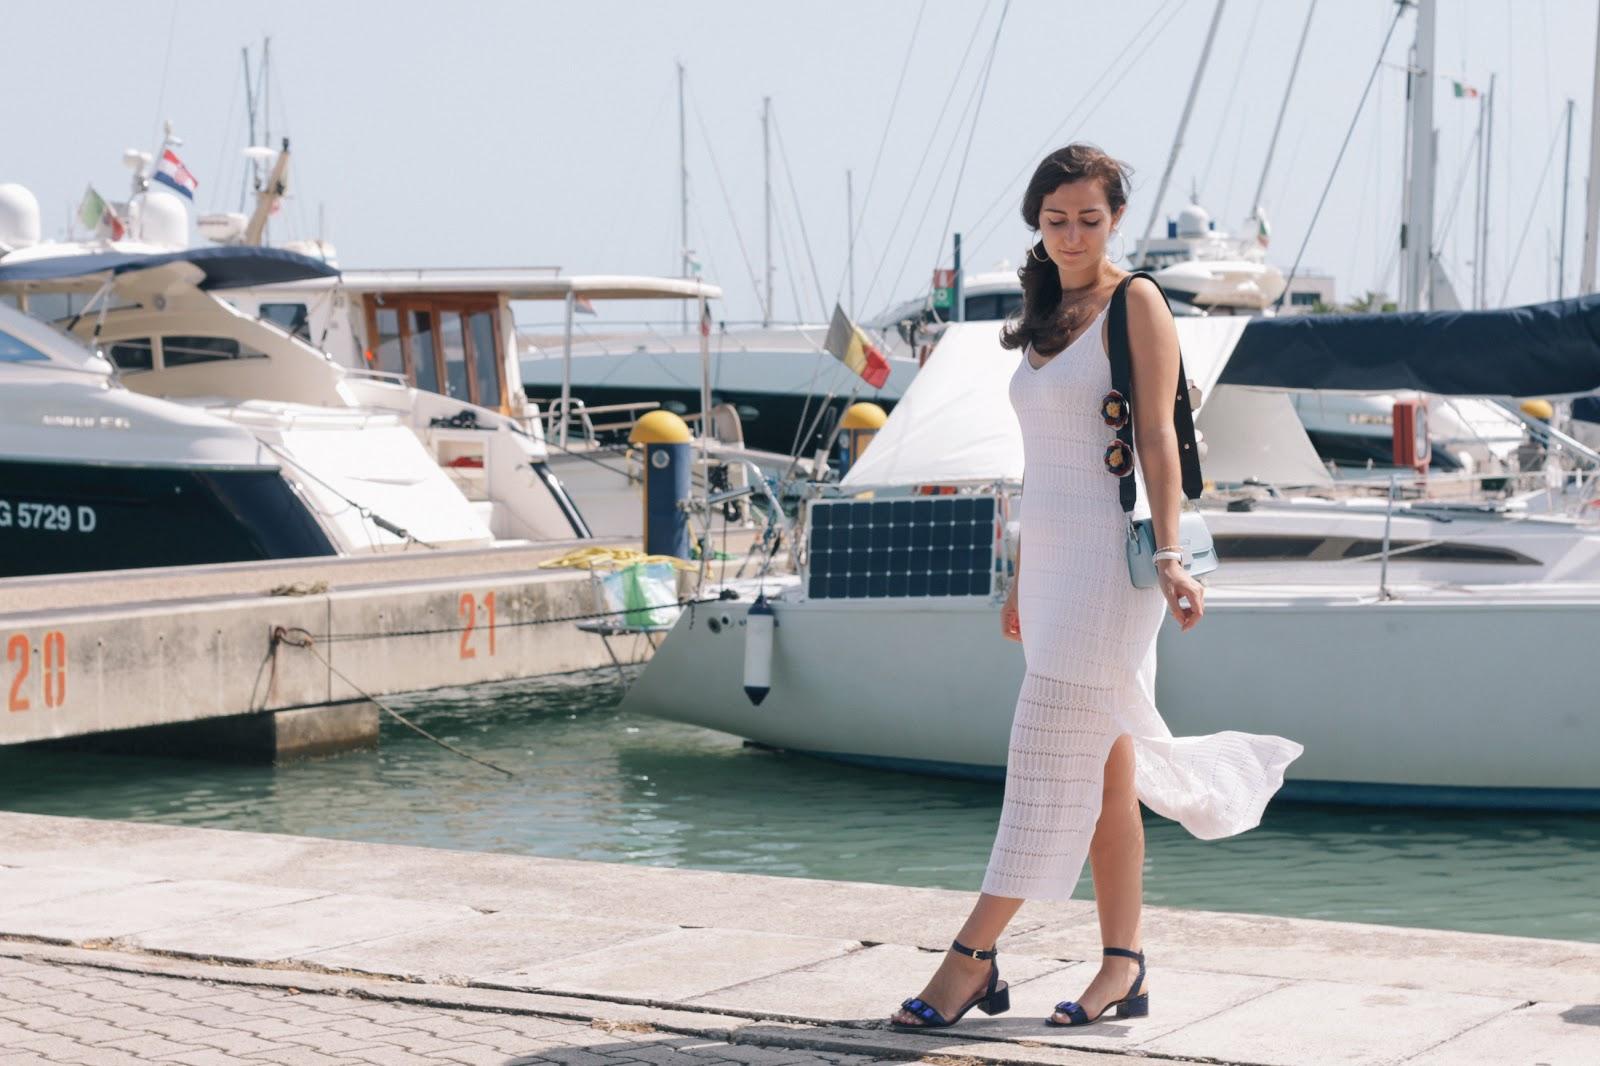 Vestito bianco lungo: come abbinarlo per essere comode e chic.